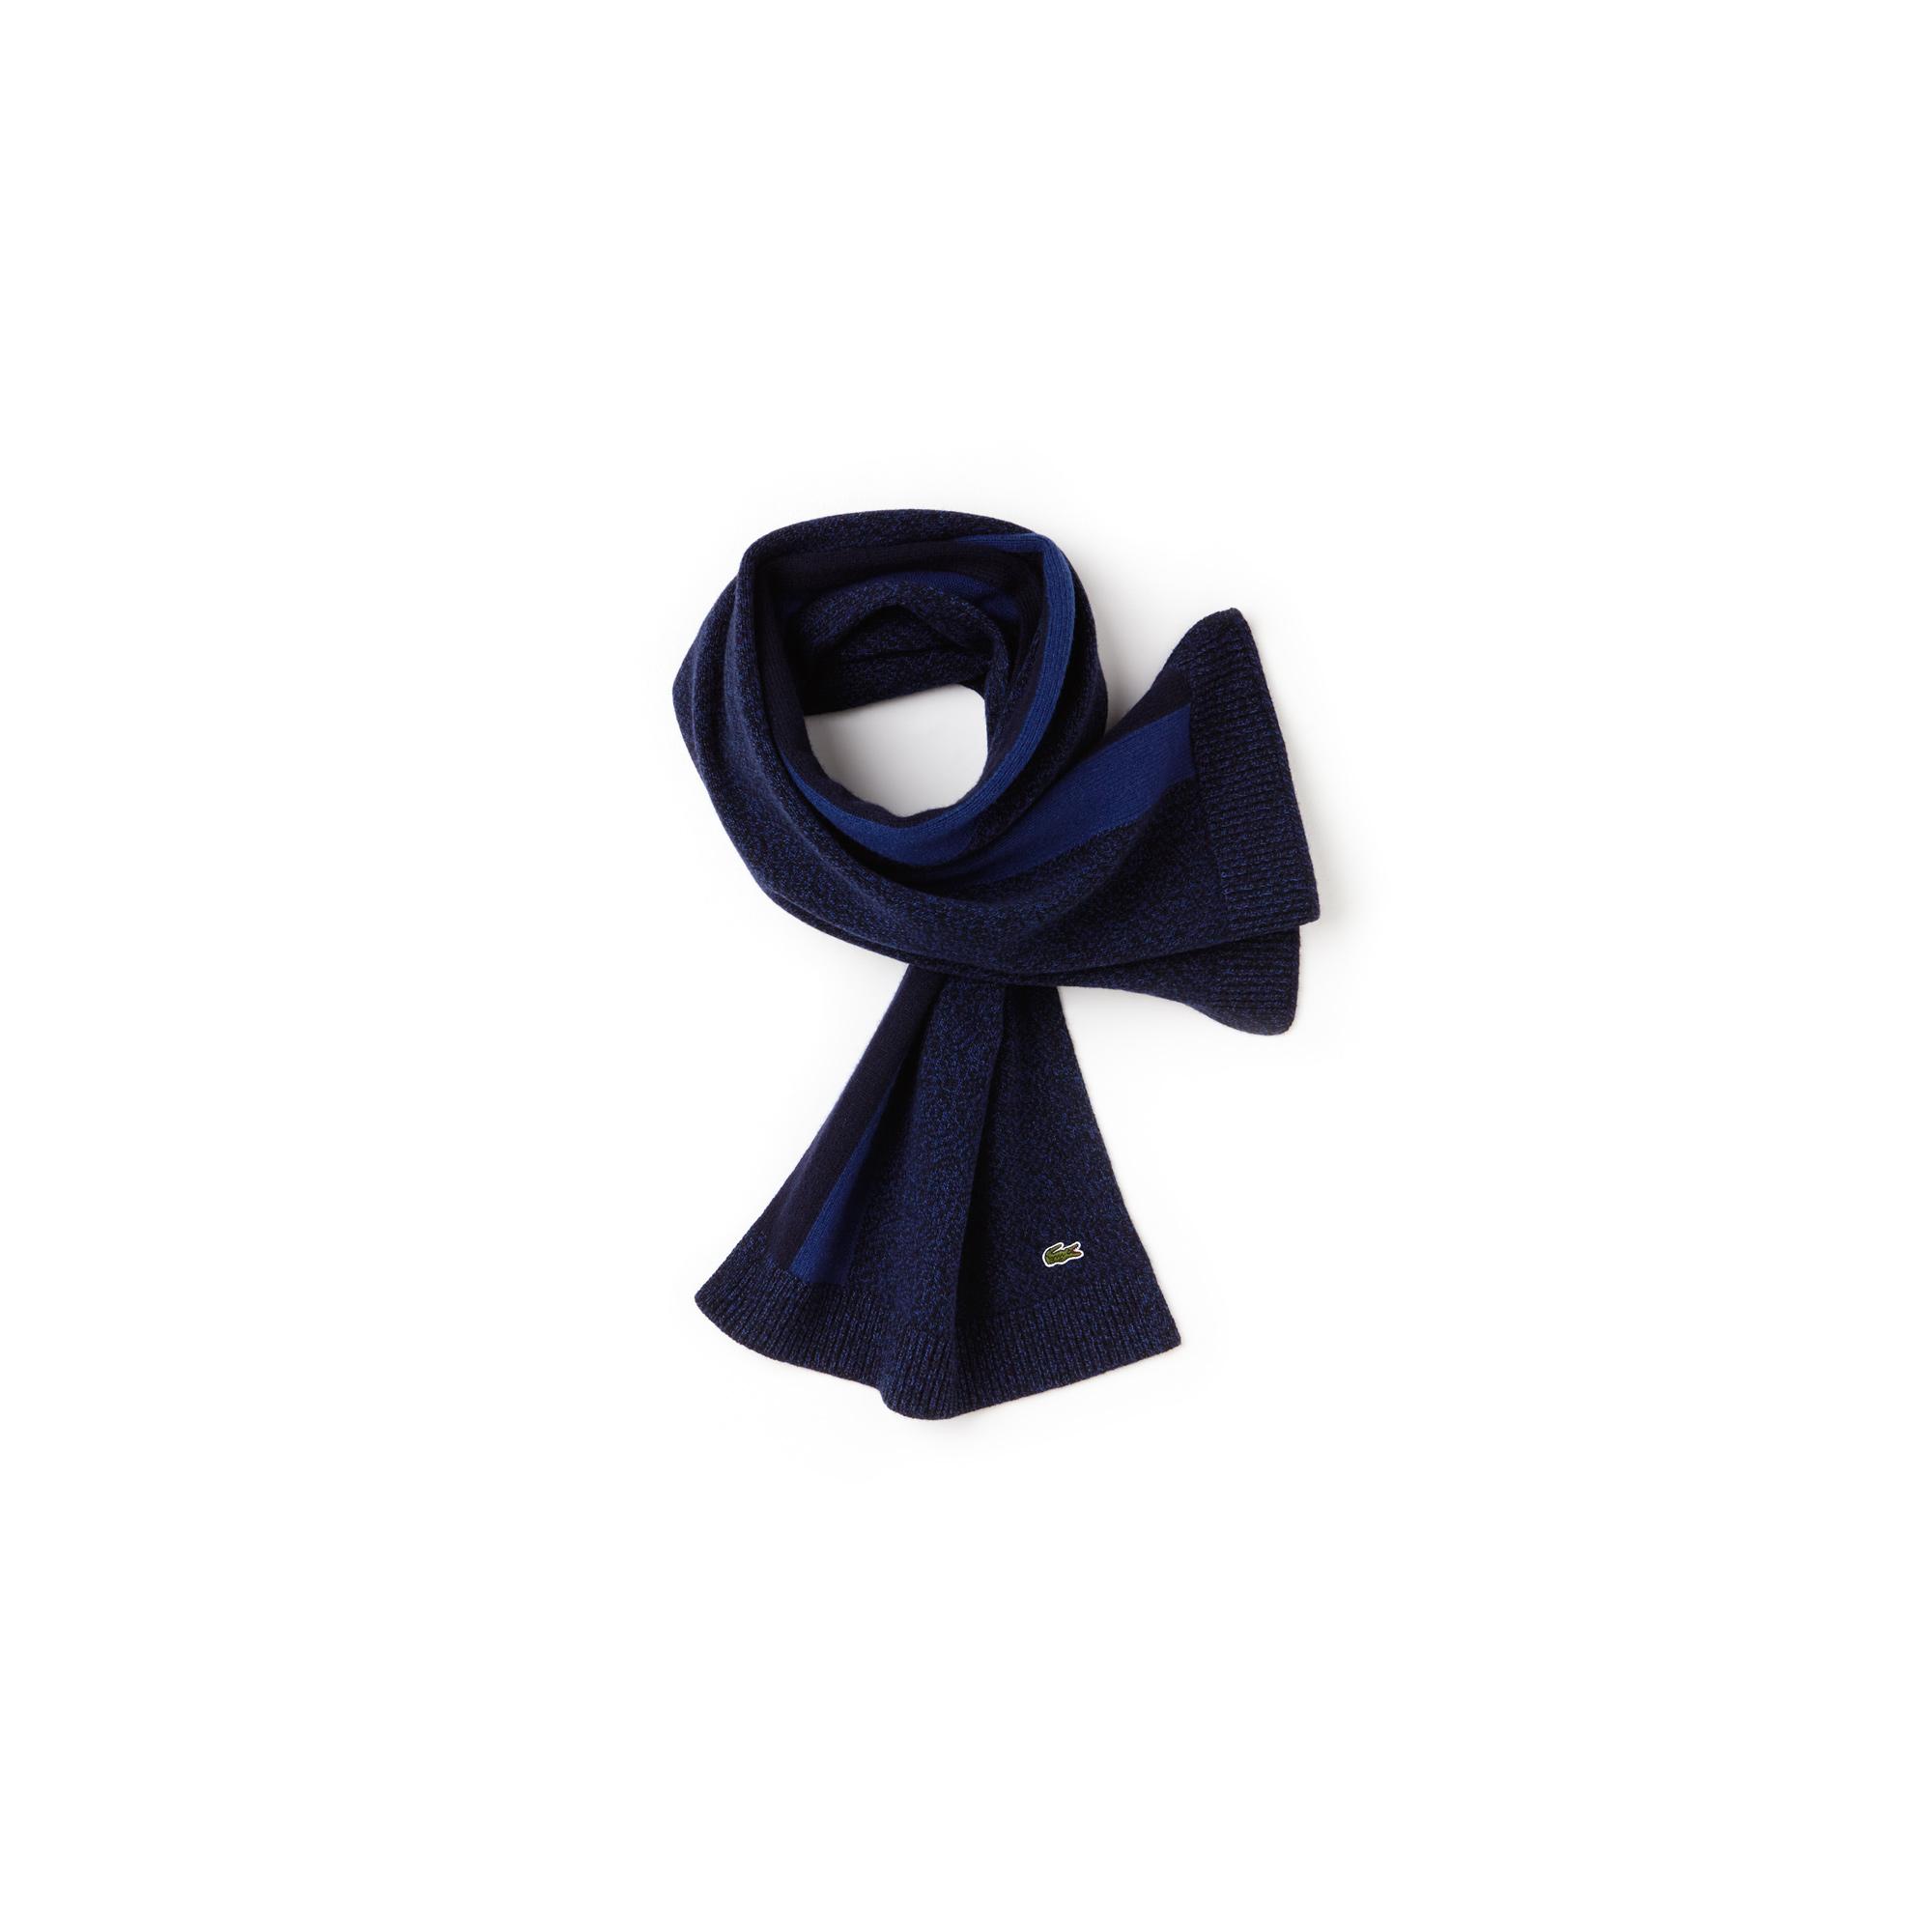 Шарф LacosteШапки, шарфы и перчатки<br>Детали: Контрастная полоса;\Оригинальный вышитый логотип Lacoste \Материал: 100% шерсть